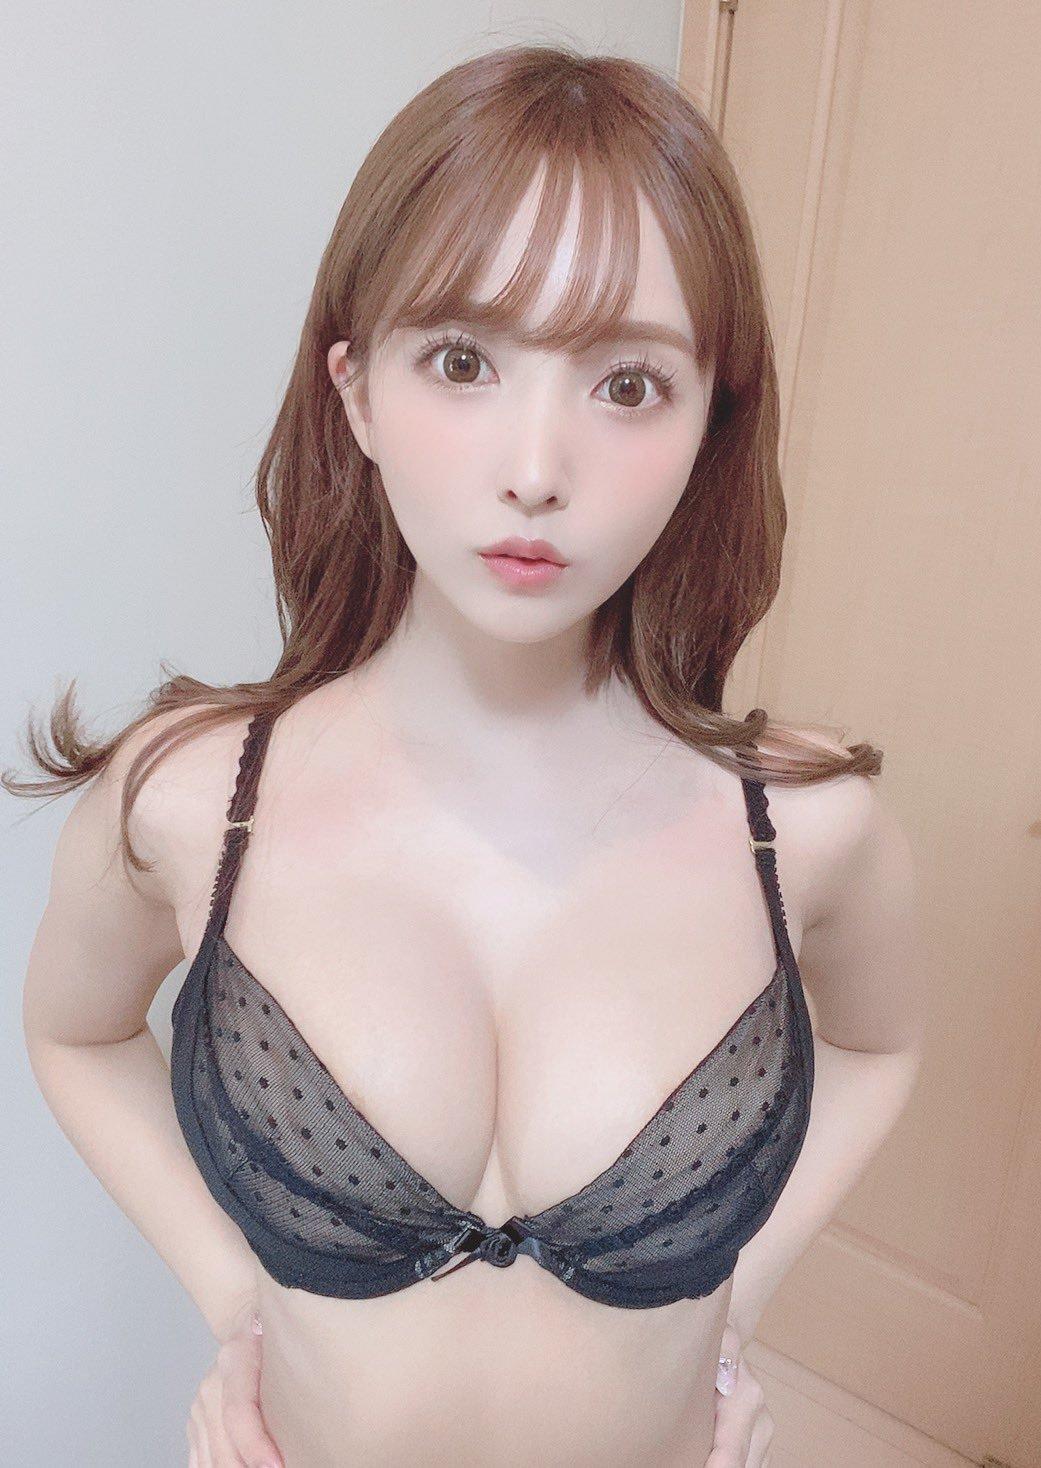 yua_mikami 1266634843200217088_p1